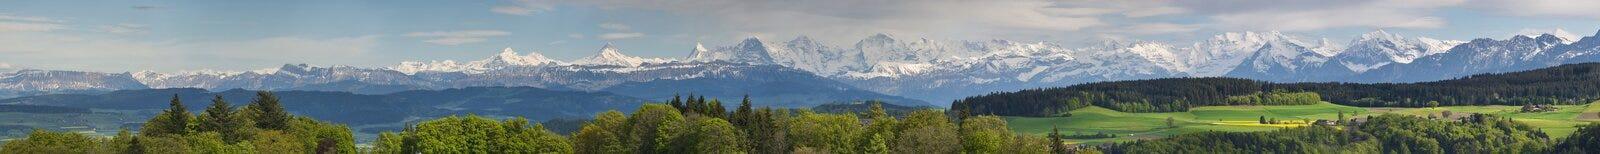 Vista panorámica de las montañas suizas Imagen de archivo libre de regalías